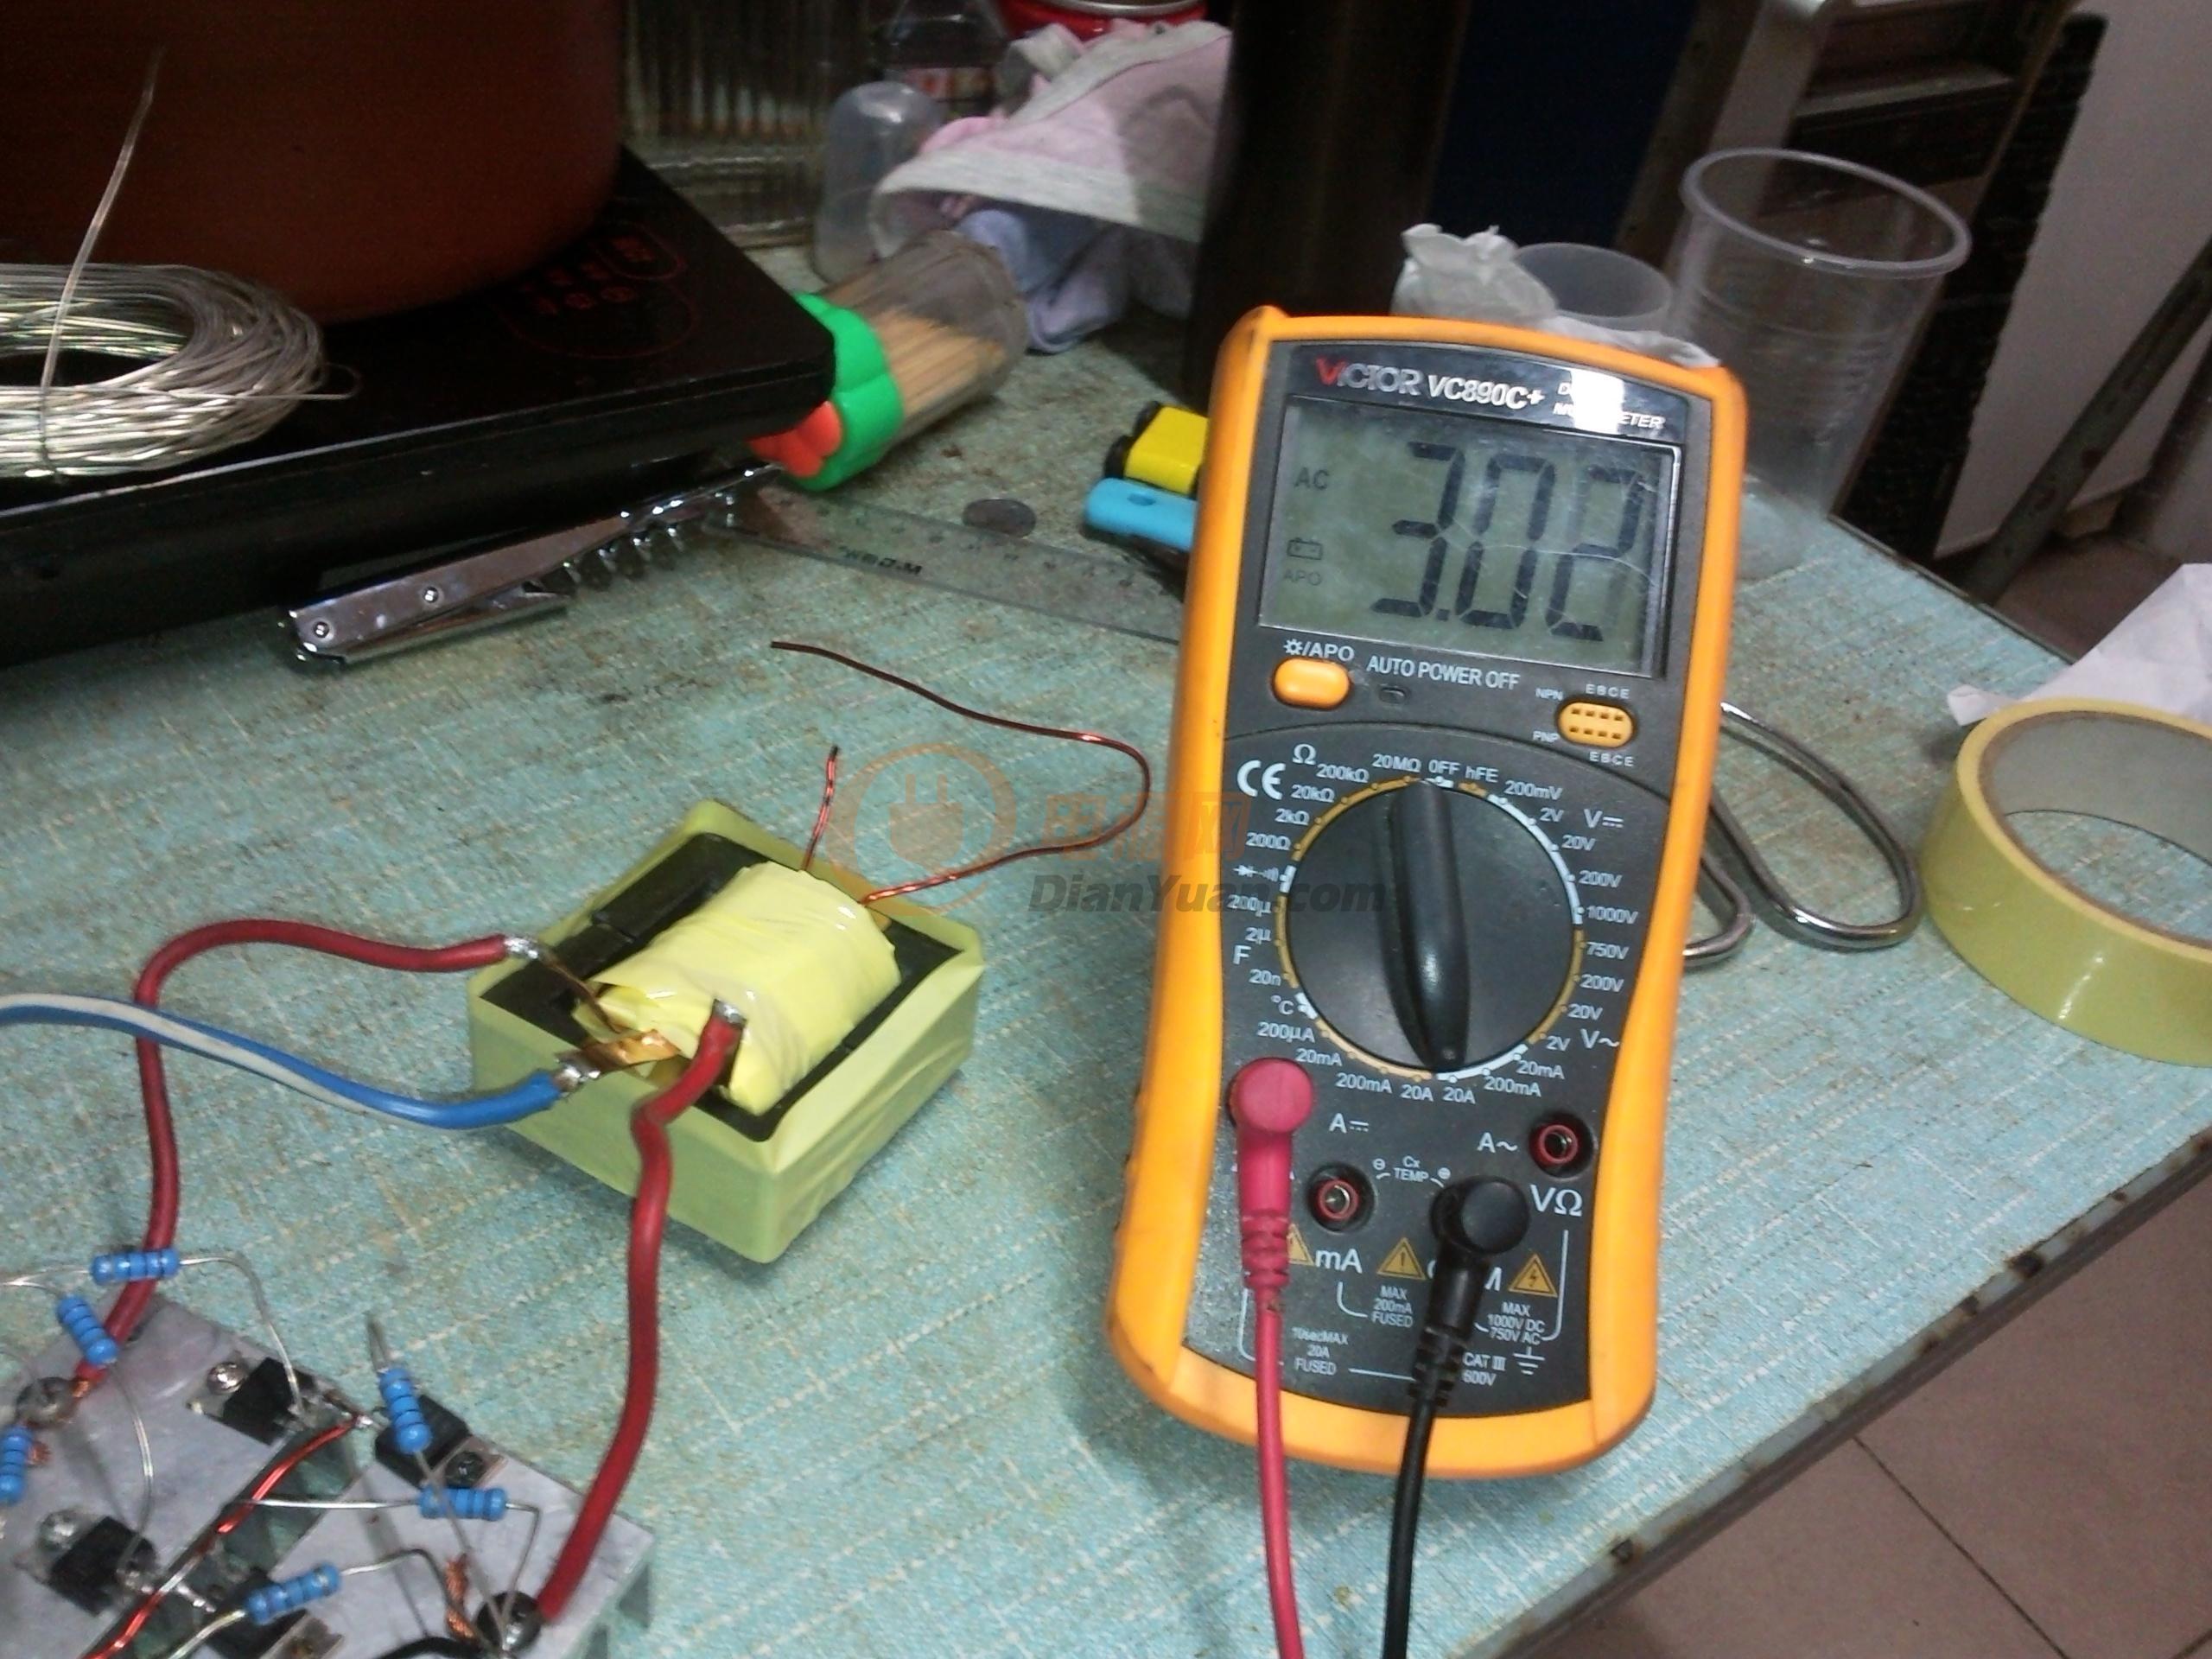 显像管的我没有试过,但是等离子的开管变压器是不行的,我试了3个把它磨平了3T+3T0.65*6 次级70T0.65电流达到6.8A 2T+2T还炸管 一气之下,下午去买了俩个EE55B的还是一样的绕法(老寿的那种绕法)用2T+2T0.3*0.33 次级70T1mm 空载180几ma 带载串4个150W的灯泡10多分钟3对功率管温度50度左右, 但4平方的电源线给烧软了皮 不知是线不够粗还是其他问题 先不管了明天还要上班